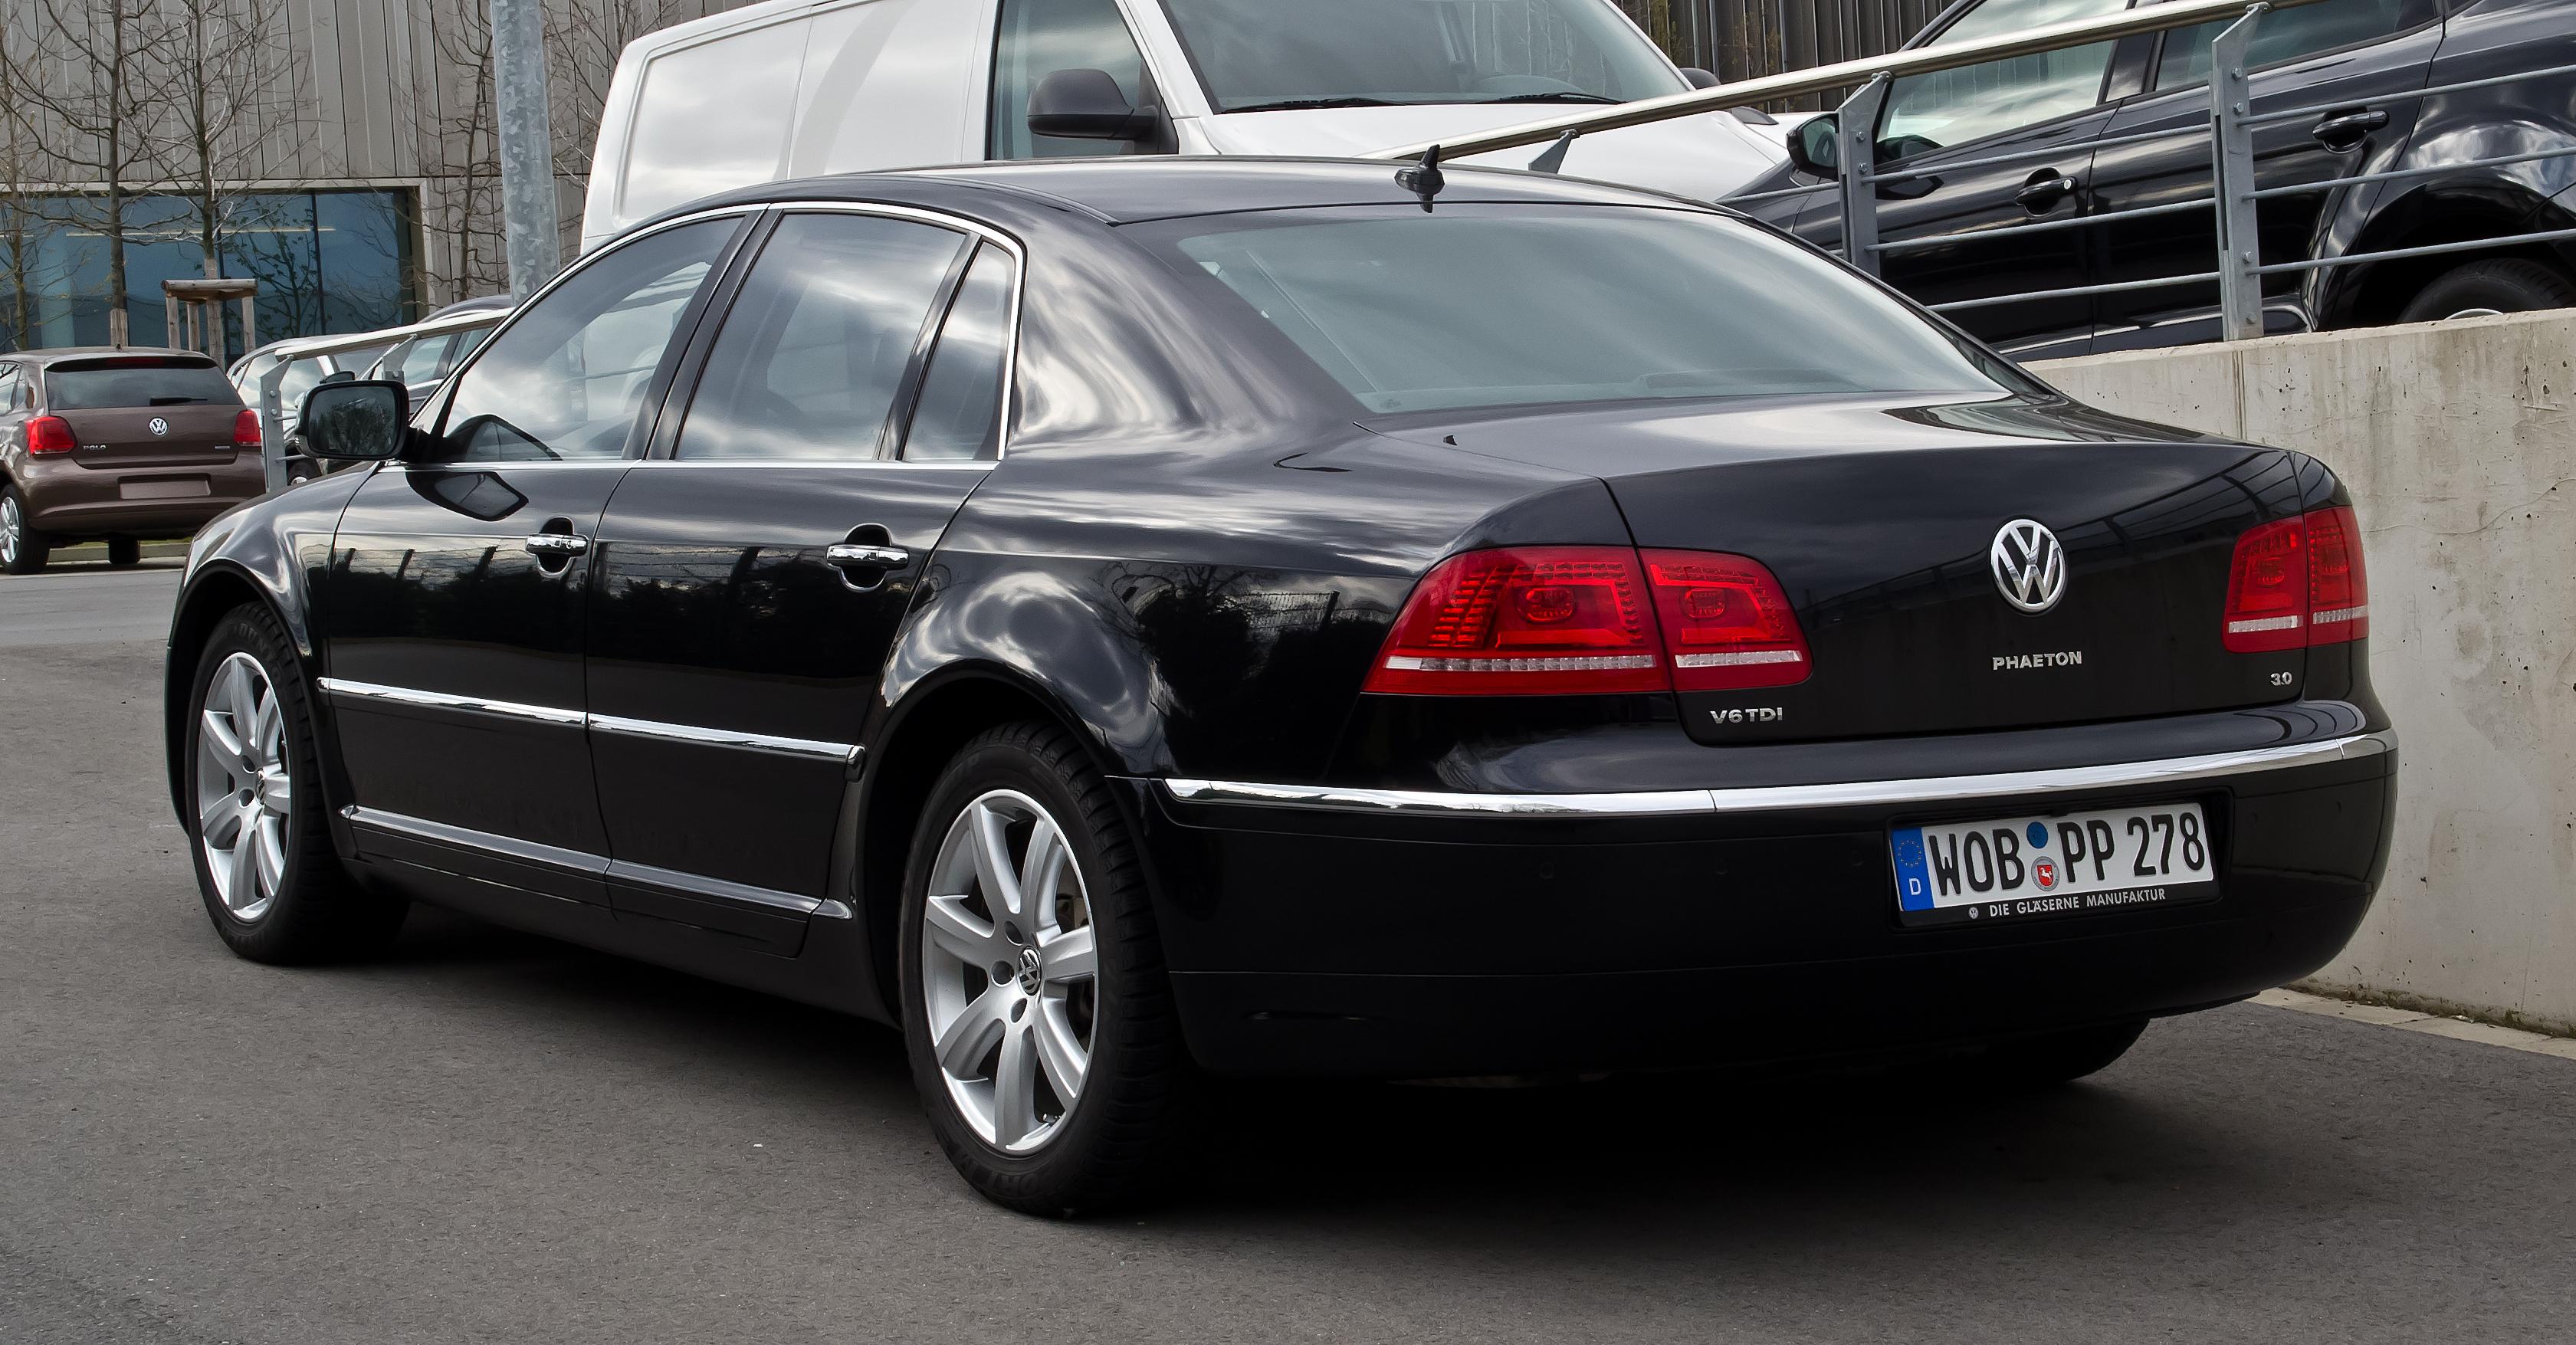 Volkswagen Phaeton I 2002 - 2010 Sedan #2